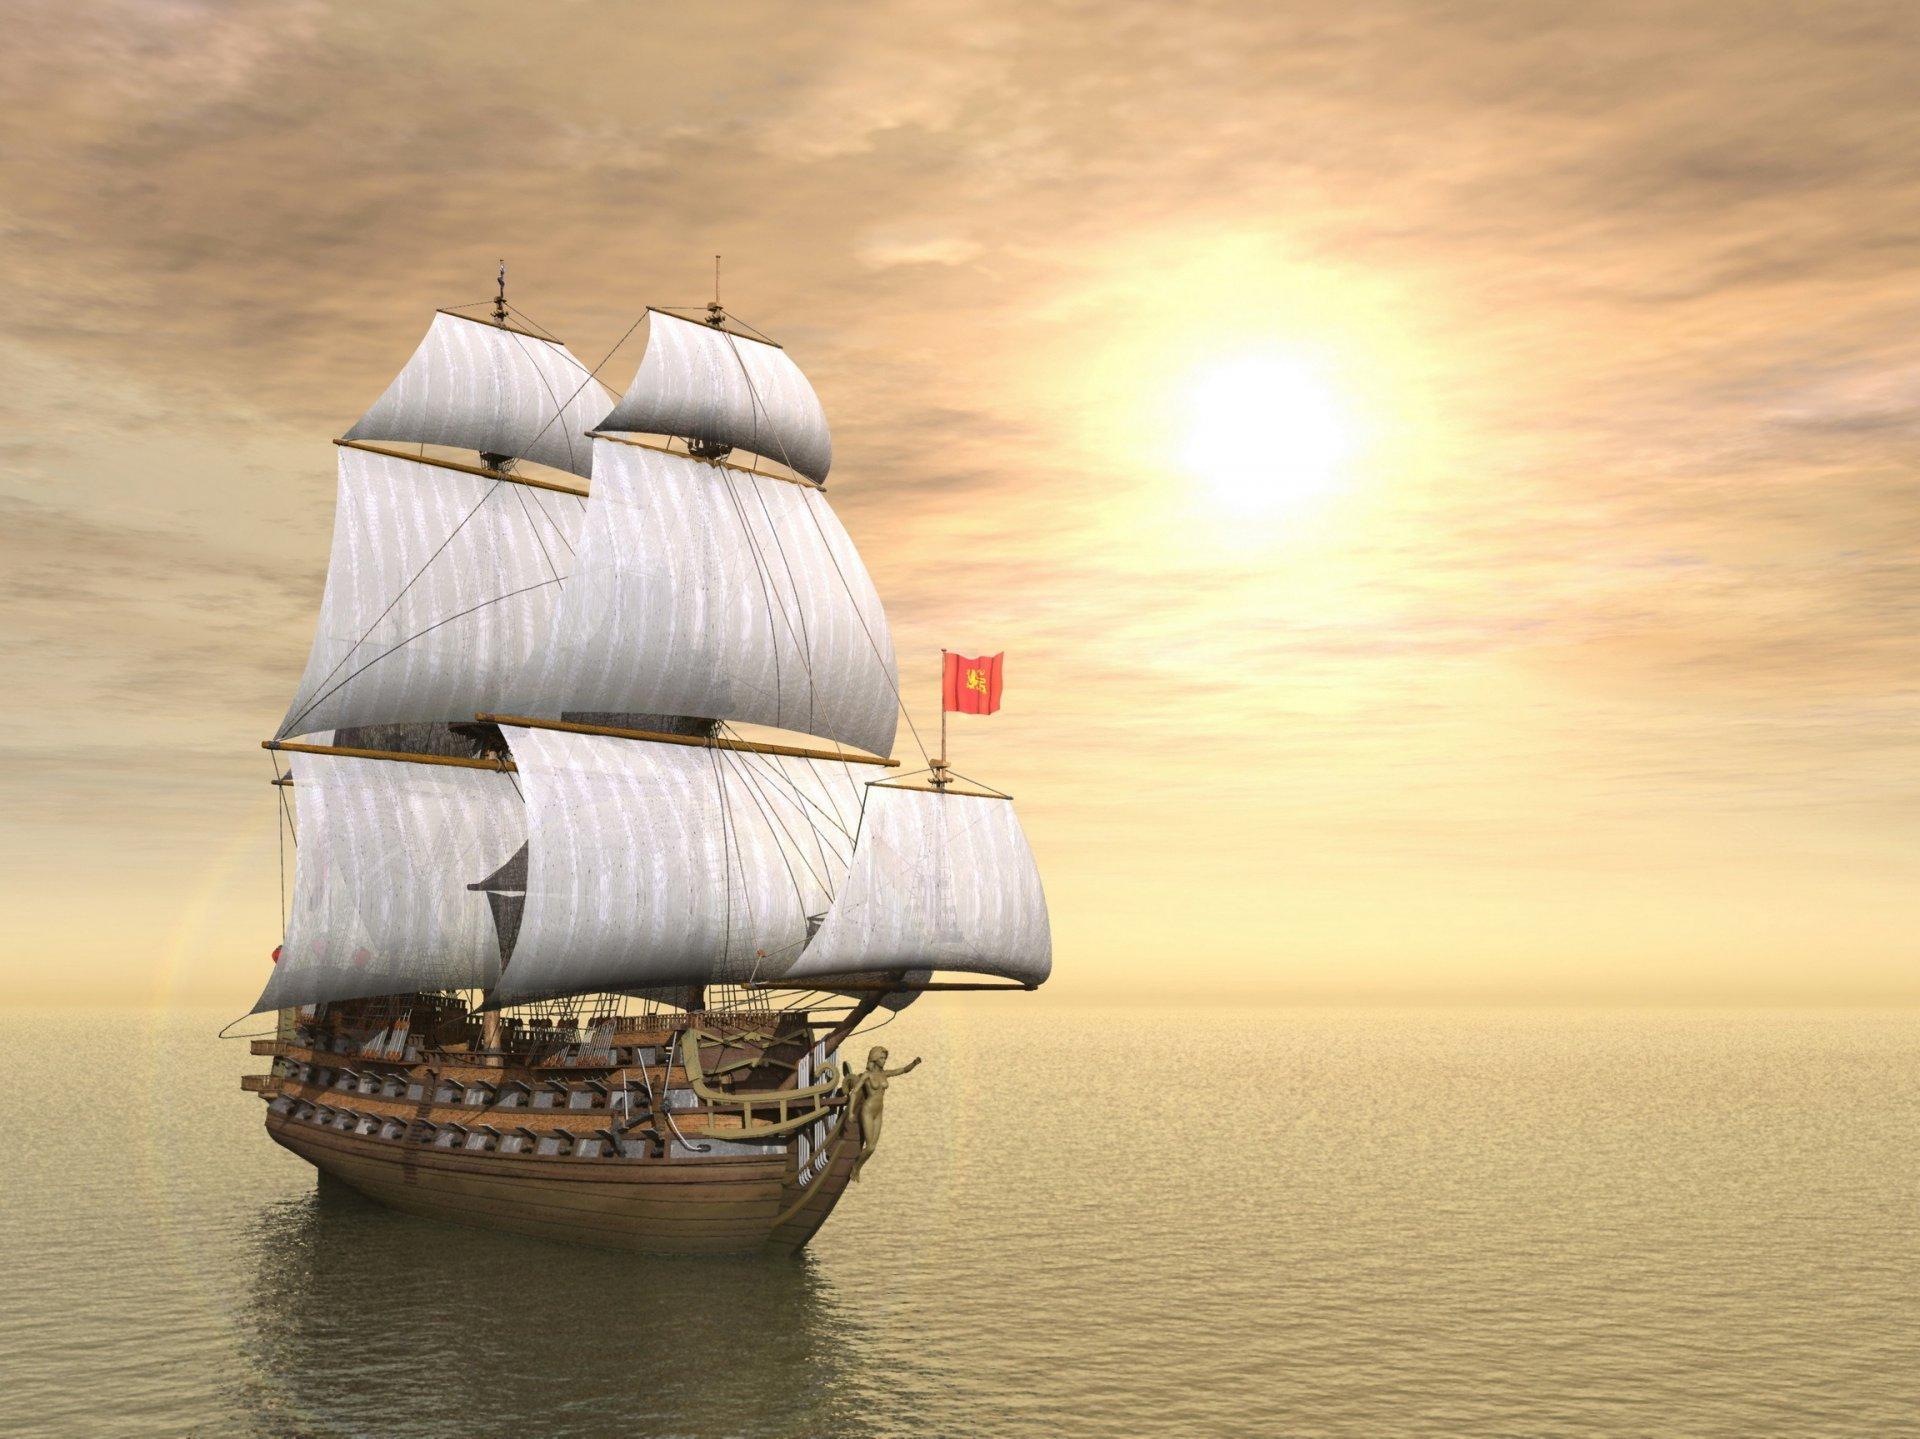 Утро хорошего, картинки корабль с надписью